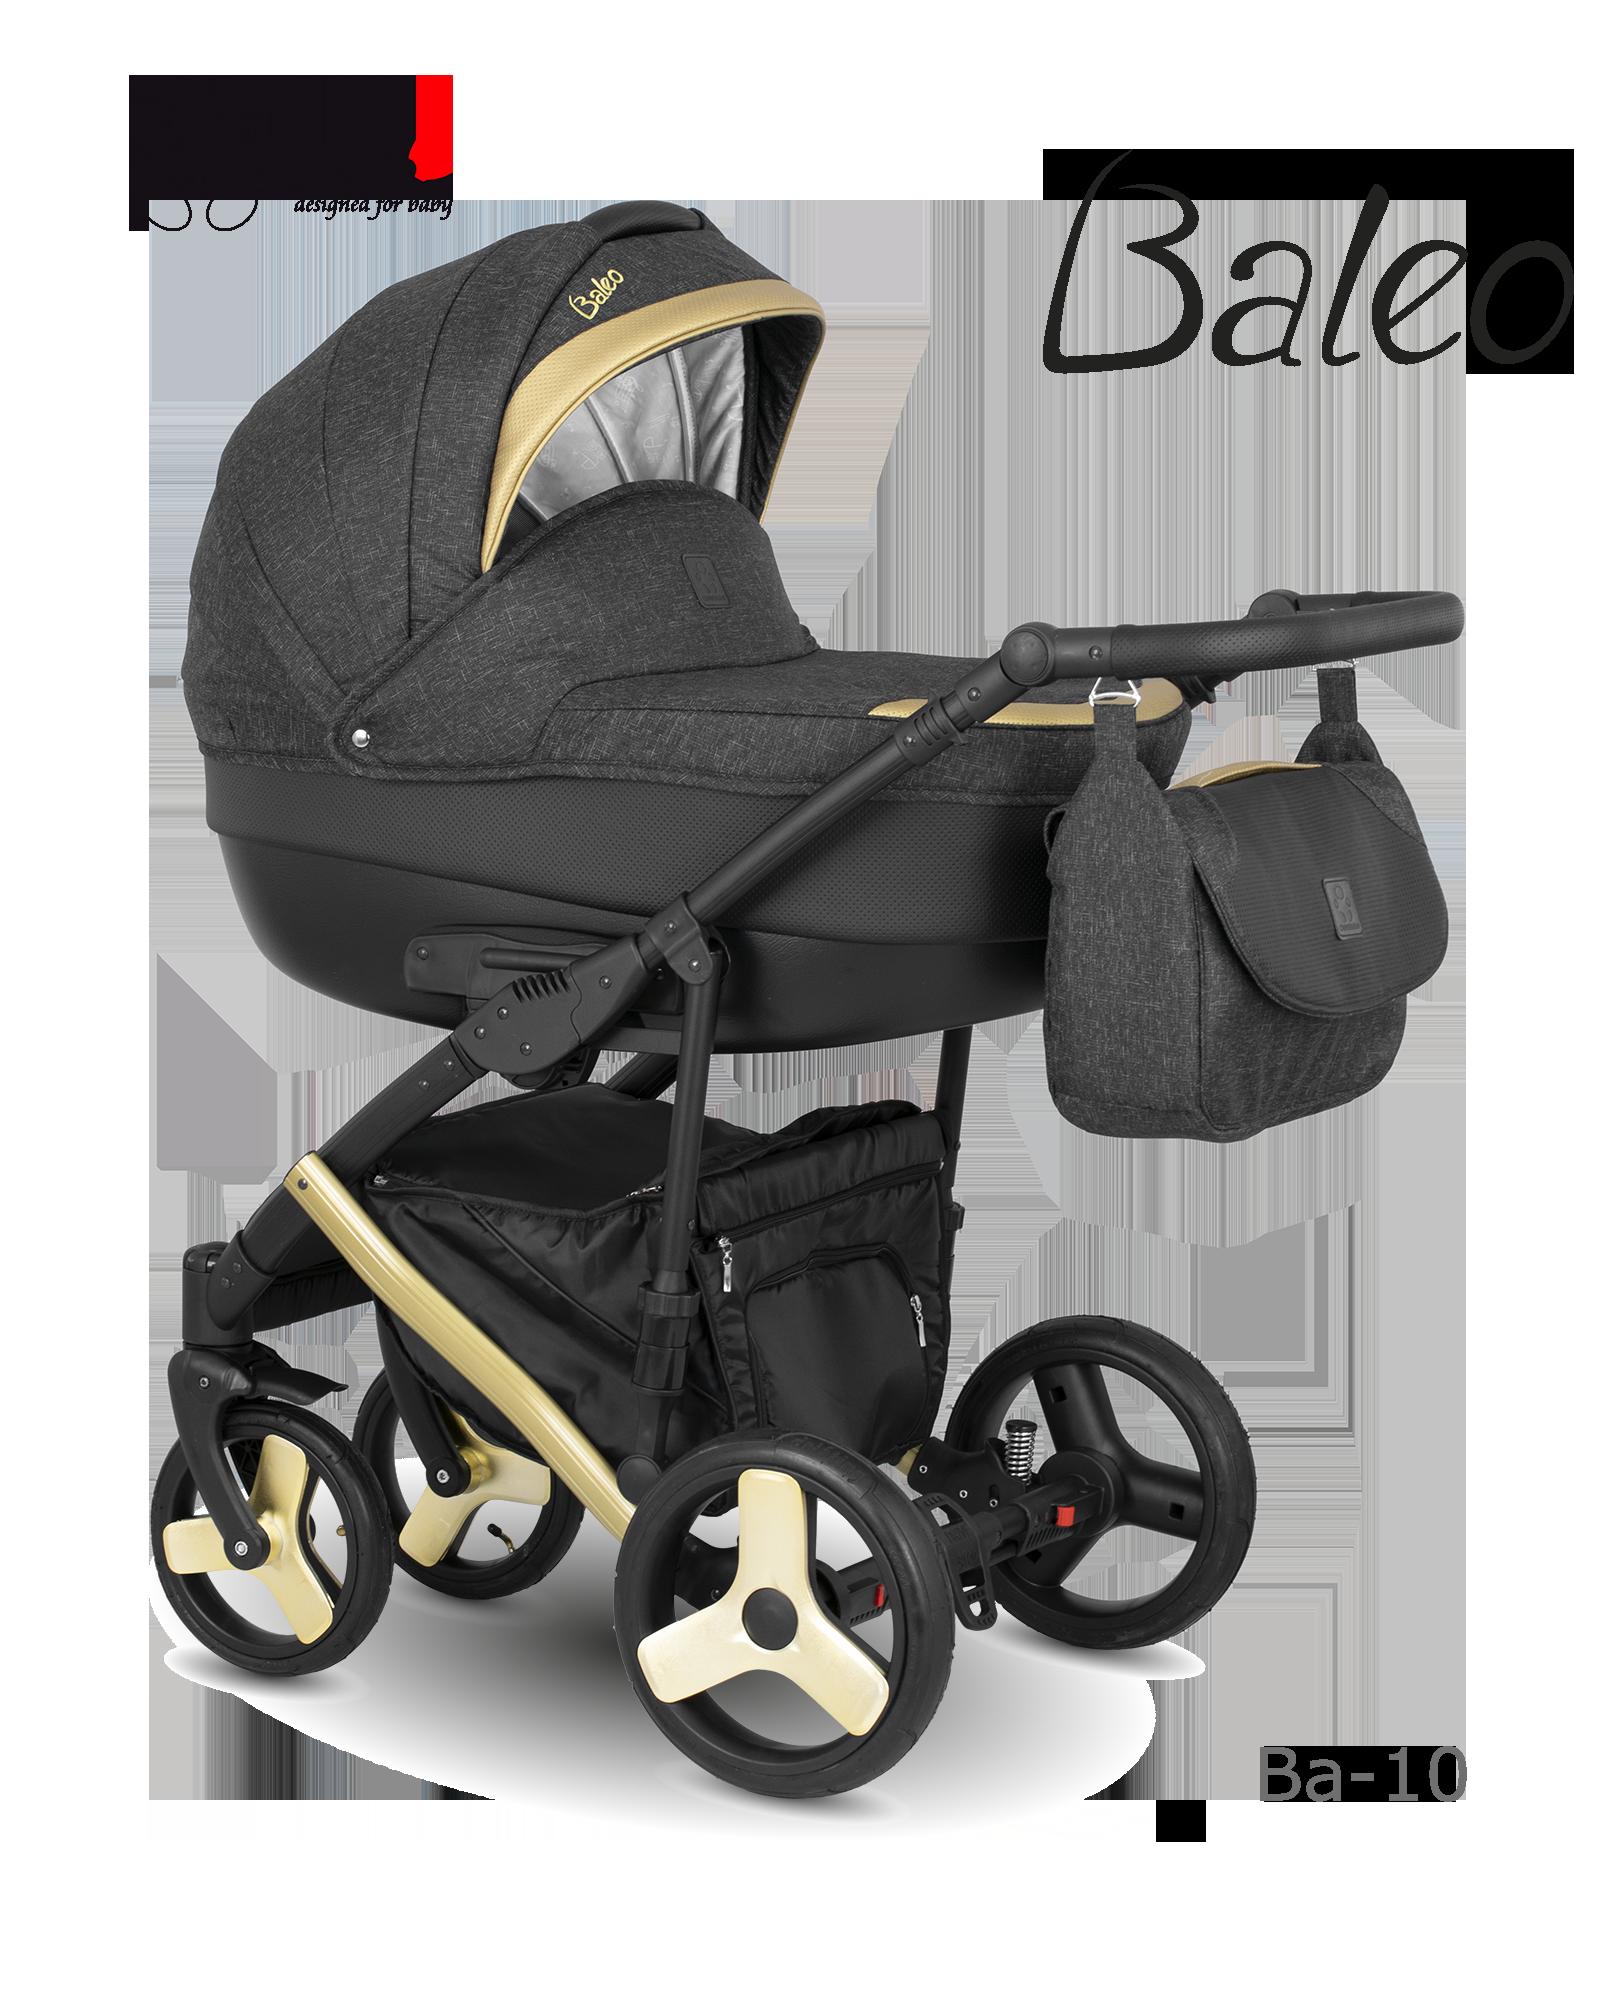 Baleo-Ba10a